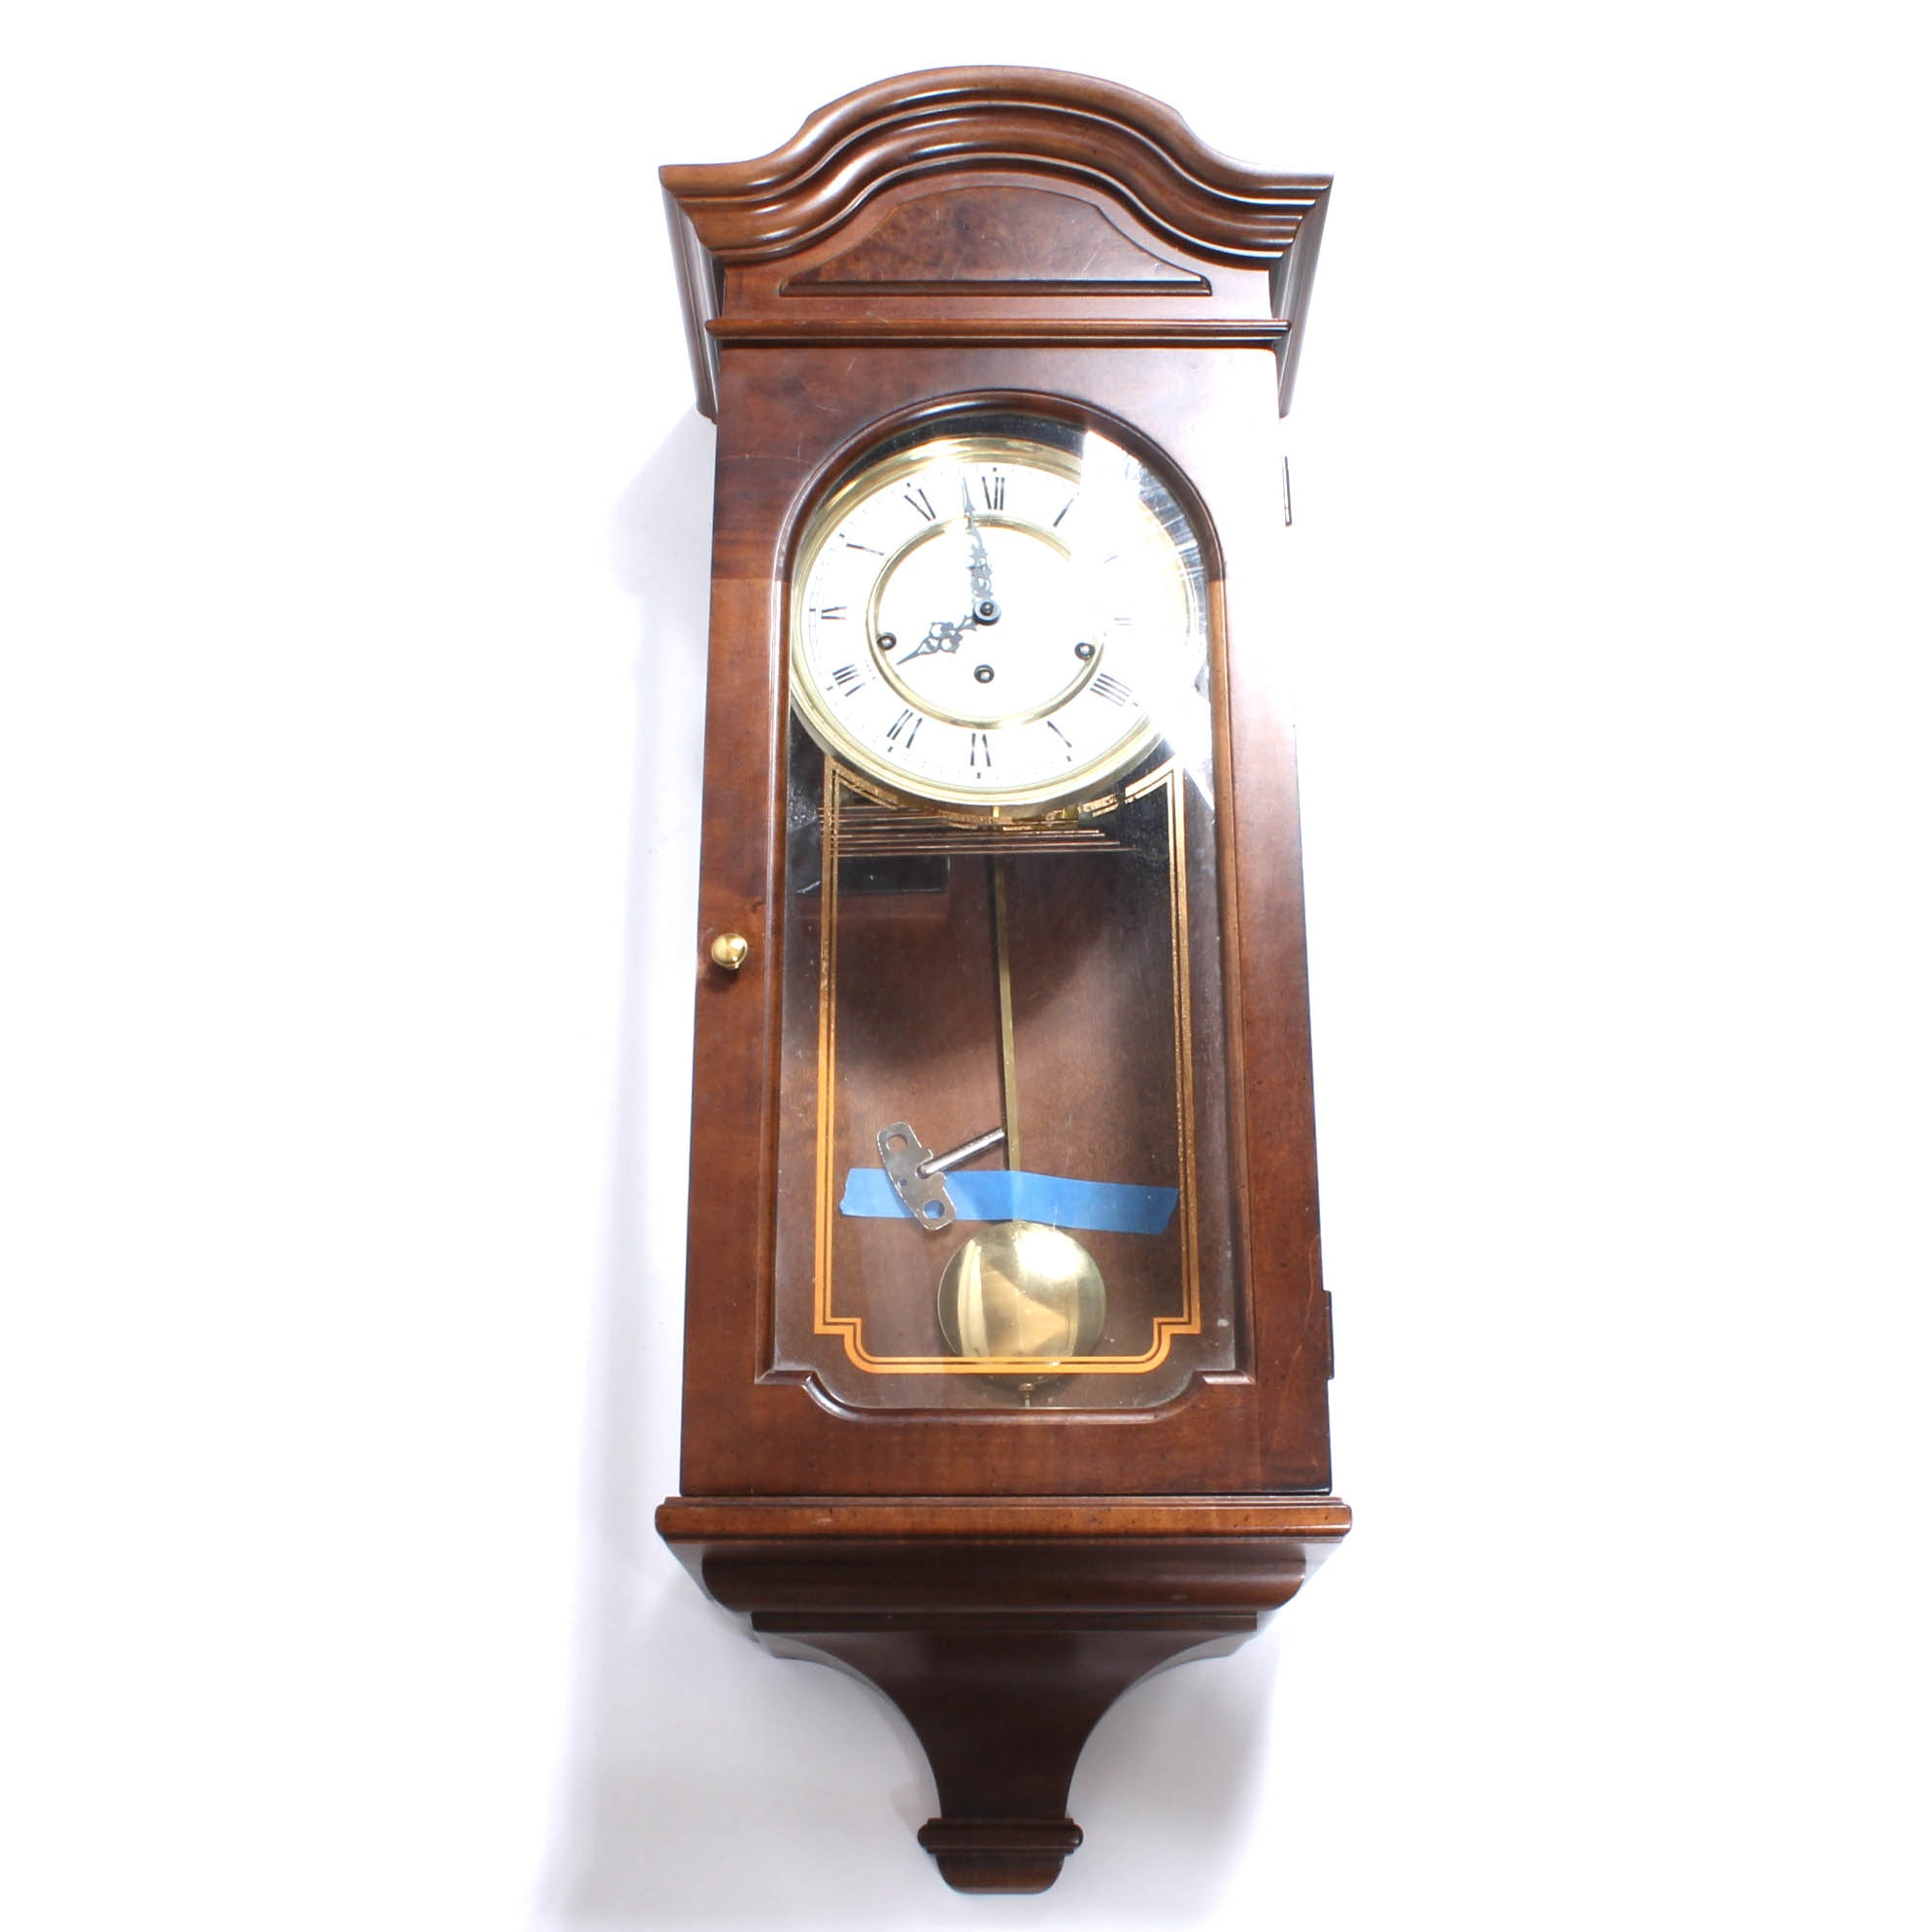 vintage howard miller pendulum wall clock - Pendulum Wall Clock